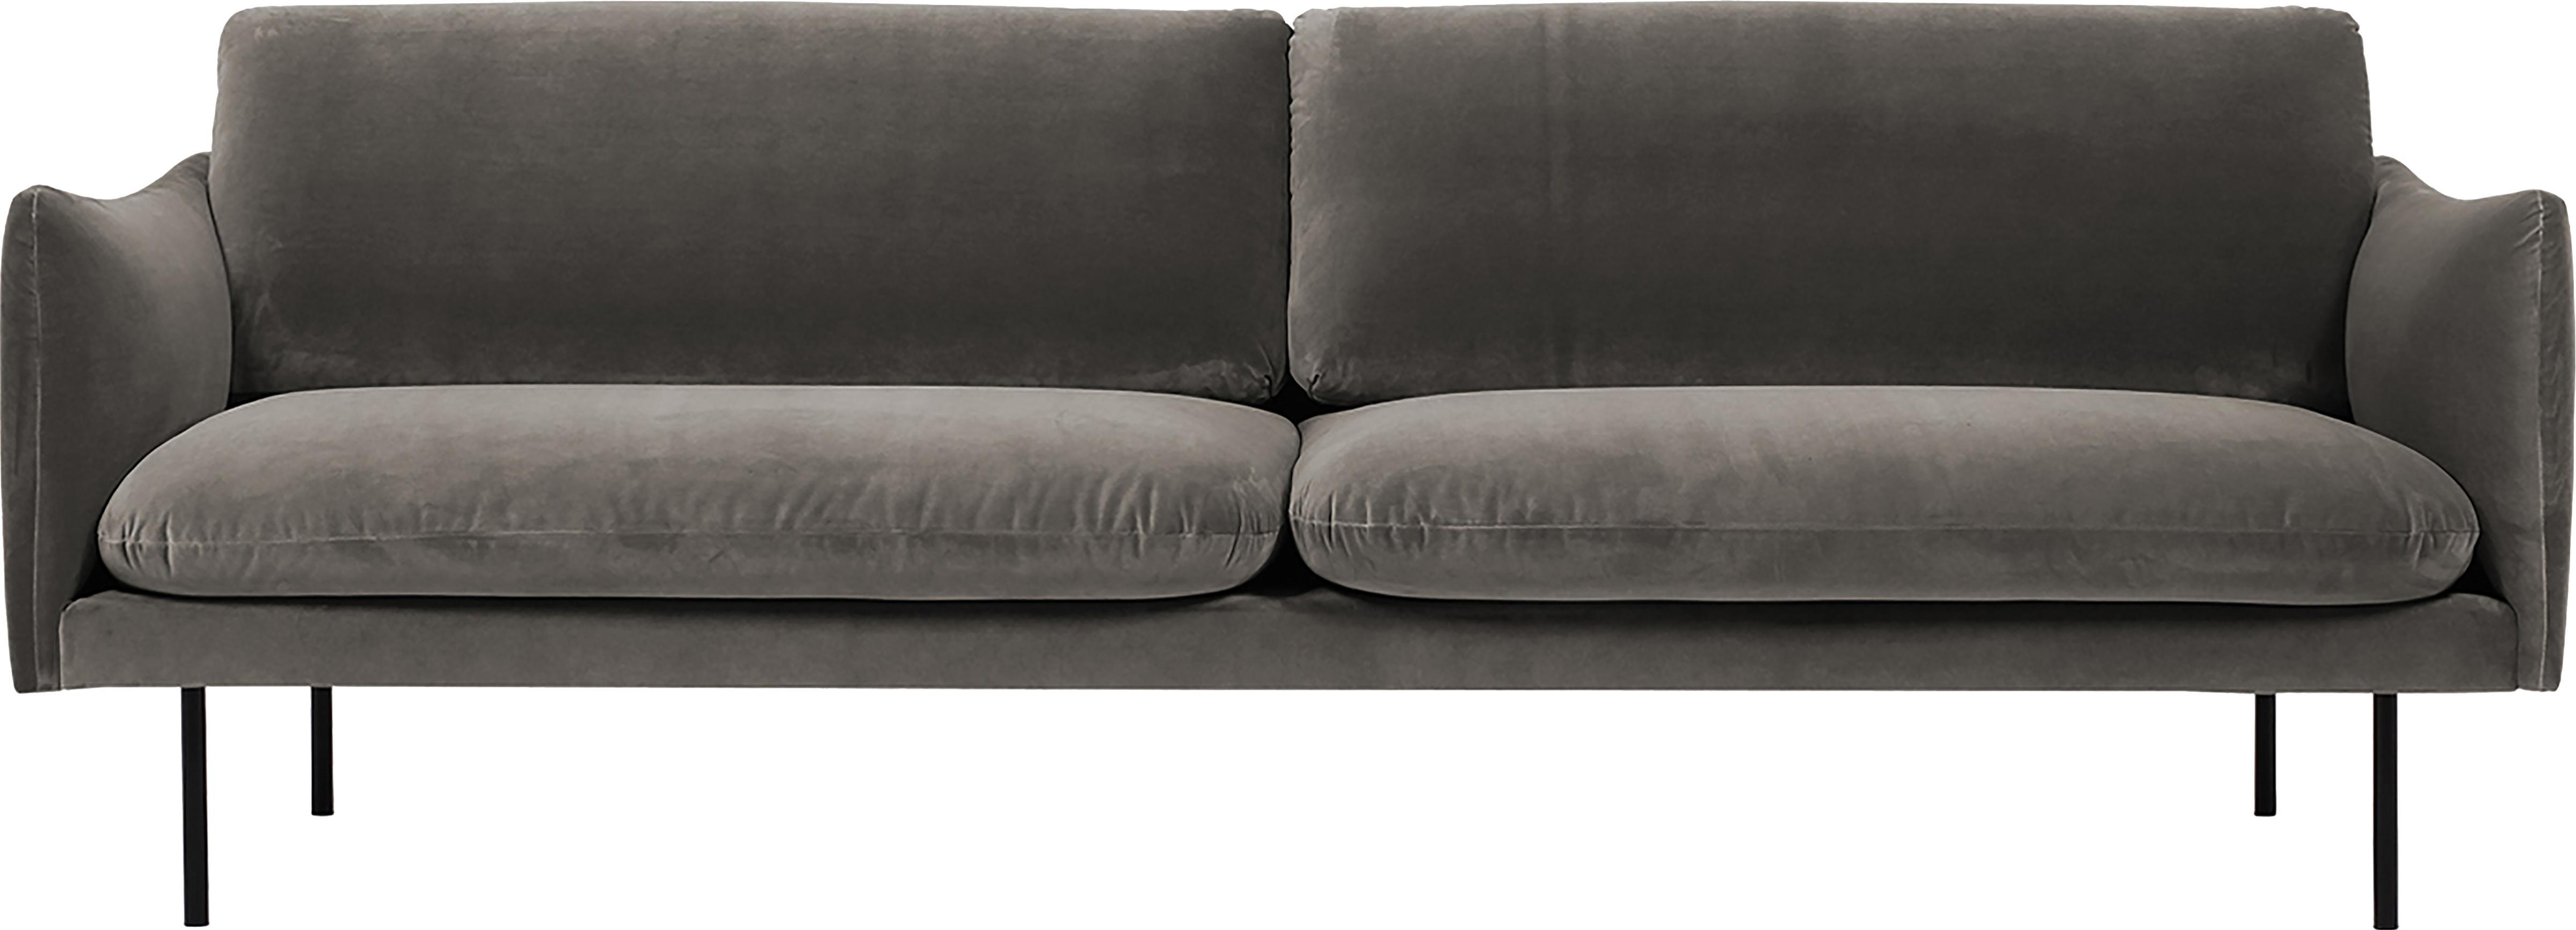 Sofá de terciopelo Moby (3plazas), Tapizado: terciopelo (tapizado de p, Estructura: madera de pino maciza, Patas: metal, Terciopelo marrón grisáceo, An 220 x F 95